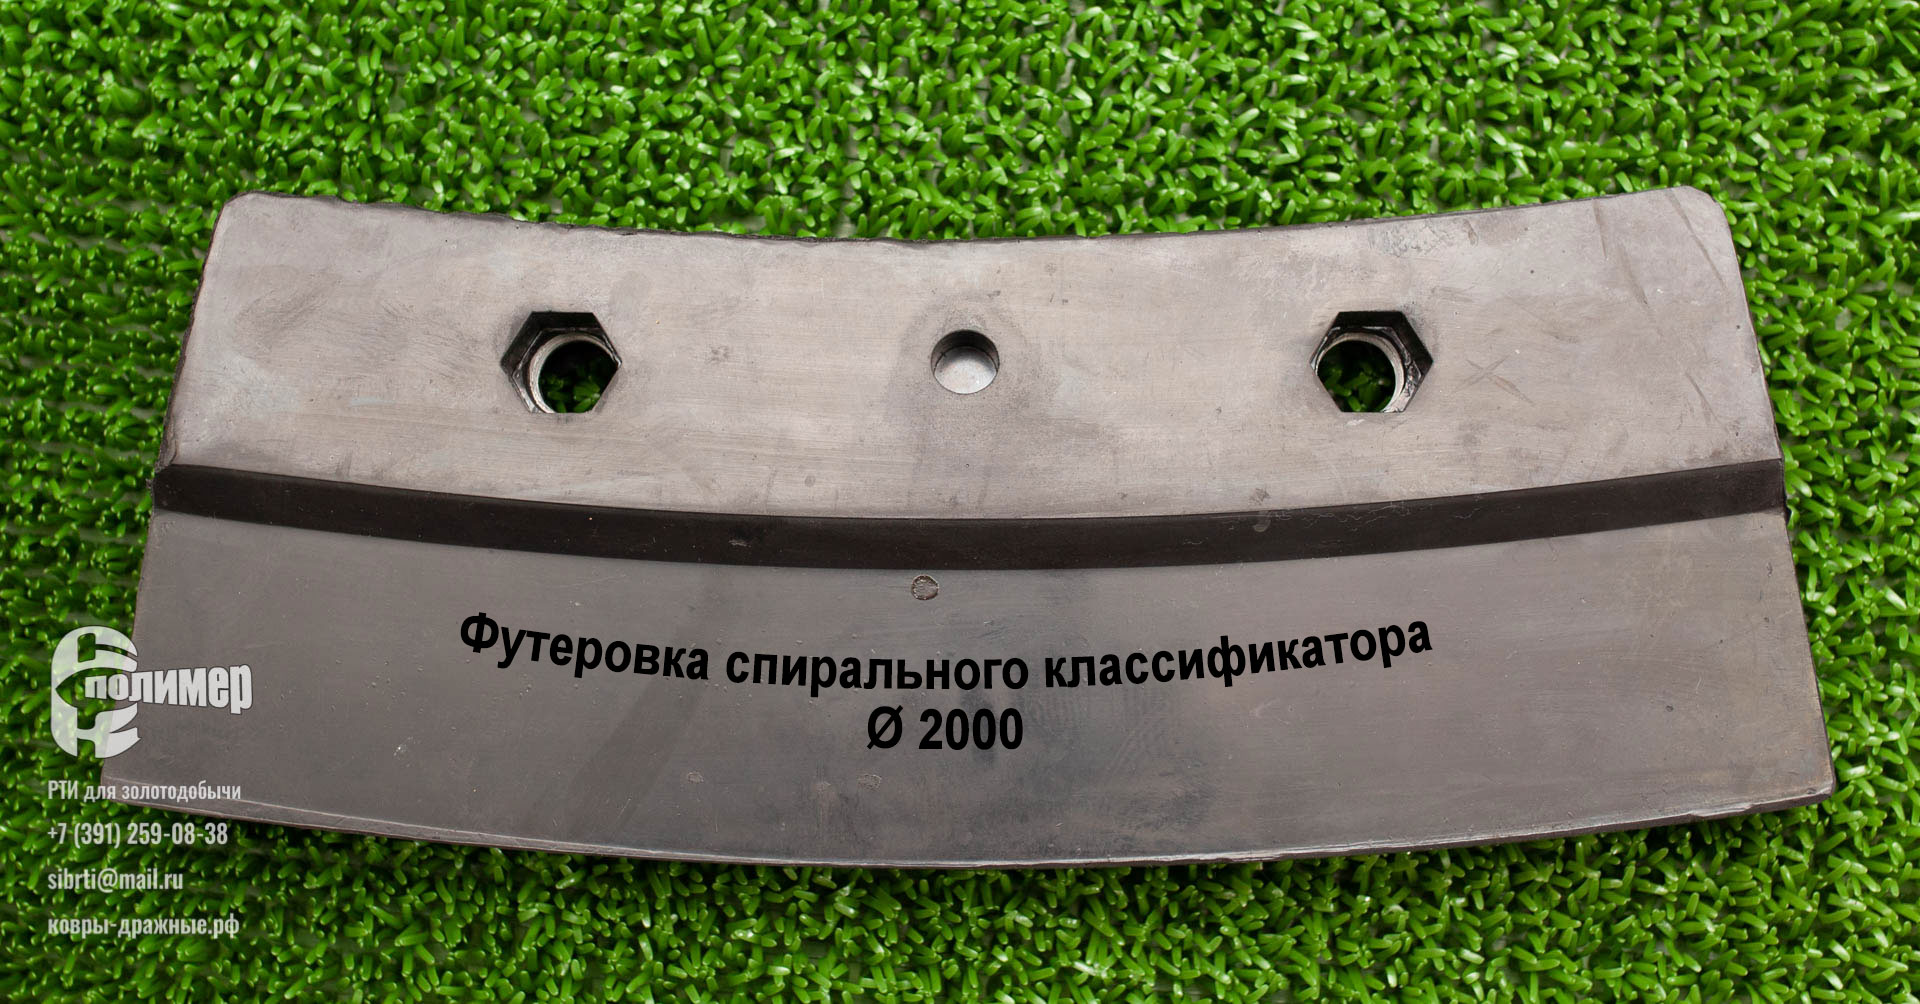 Резиновая футеровка купить диаметр 2000